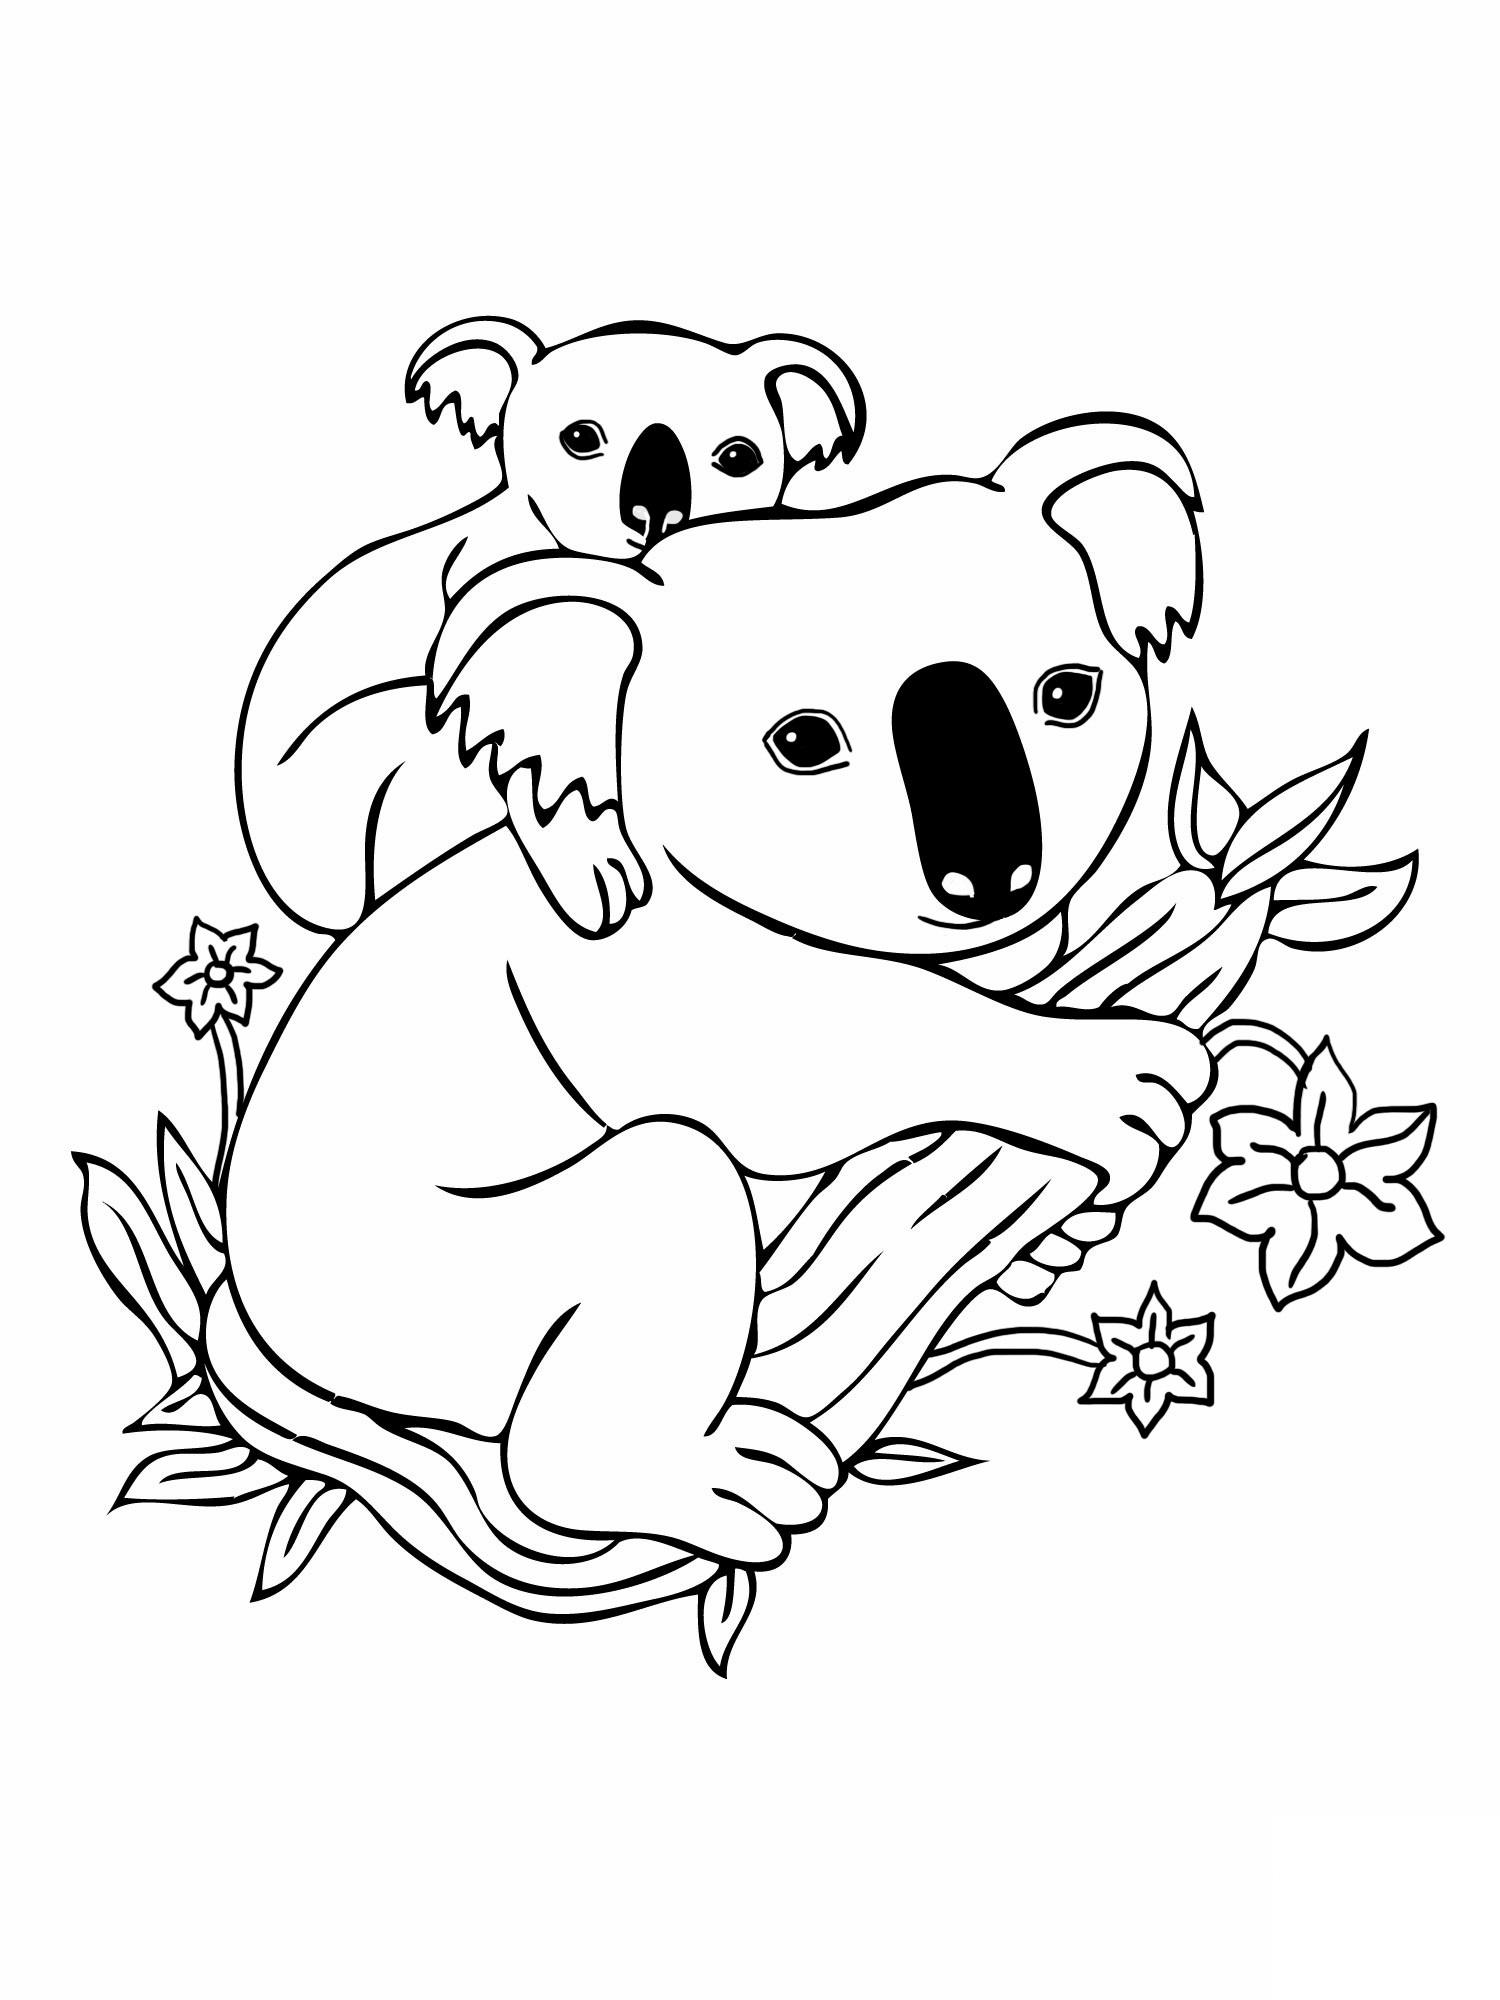 Dessin gratuit de koala a imprimer et colorier